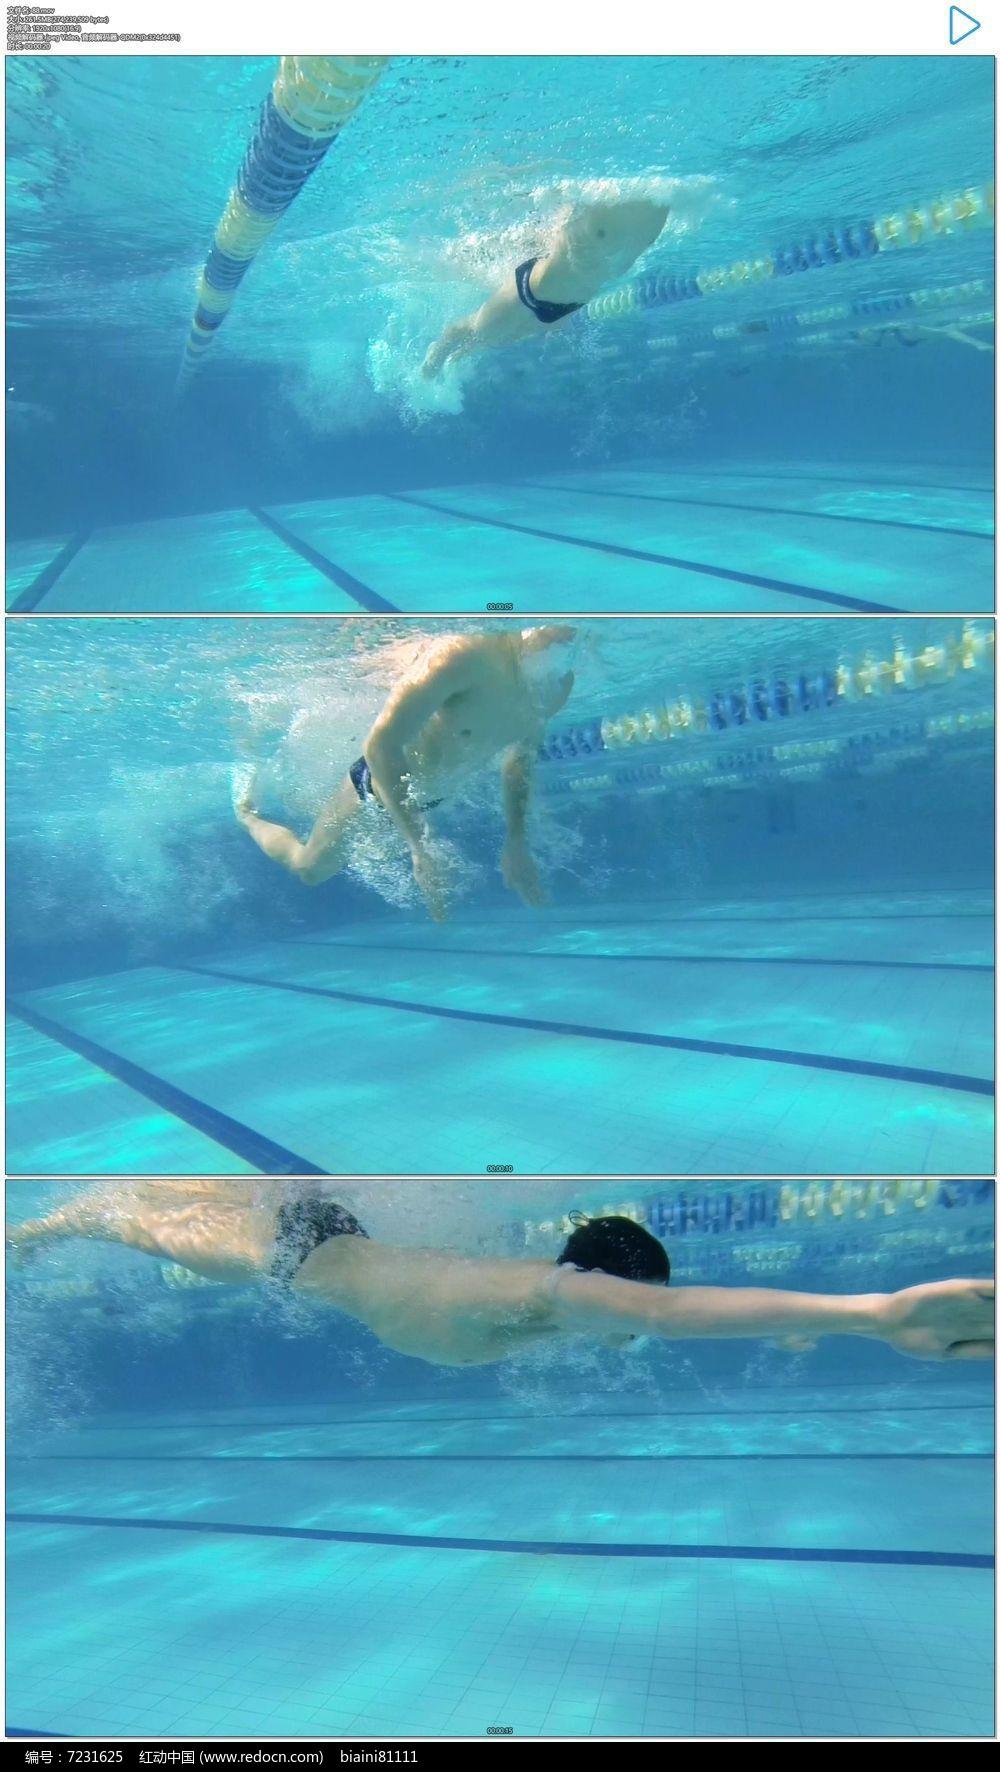 游泳运动员仰泳实拍视频素材图片